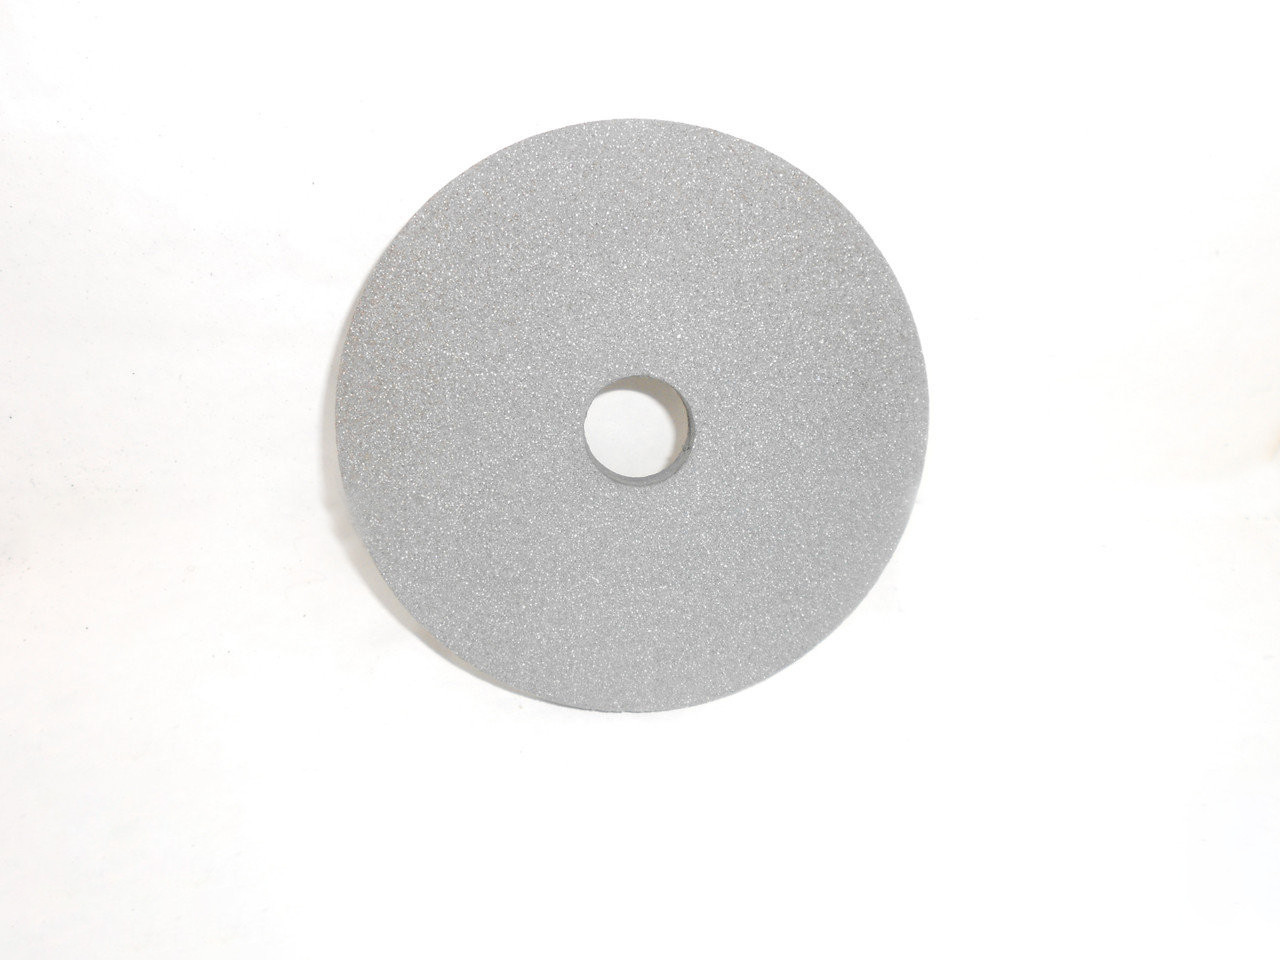 Круг шлифовальный 14А ПП 250х16х32  16-40 СМ-СТ